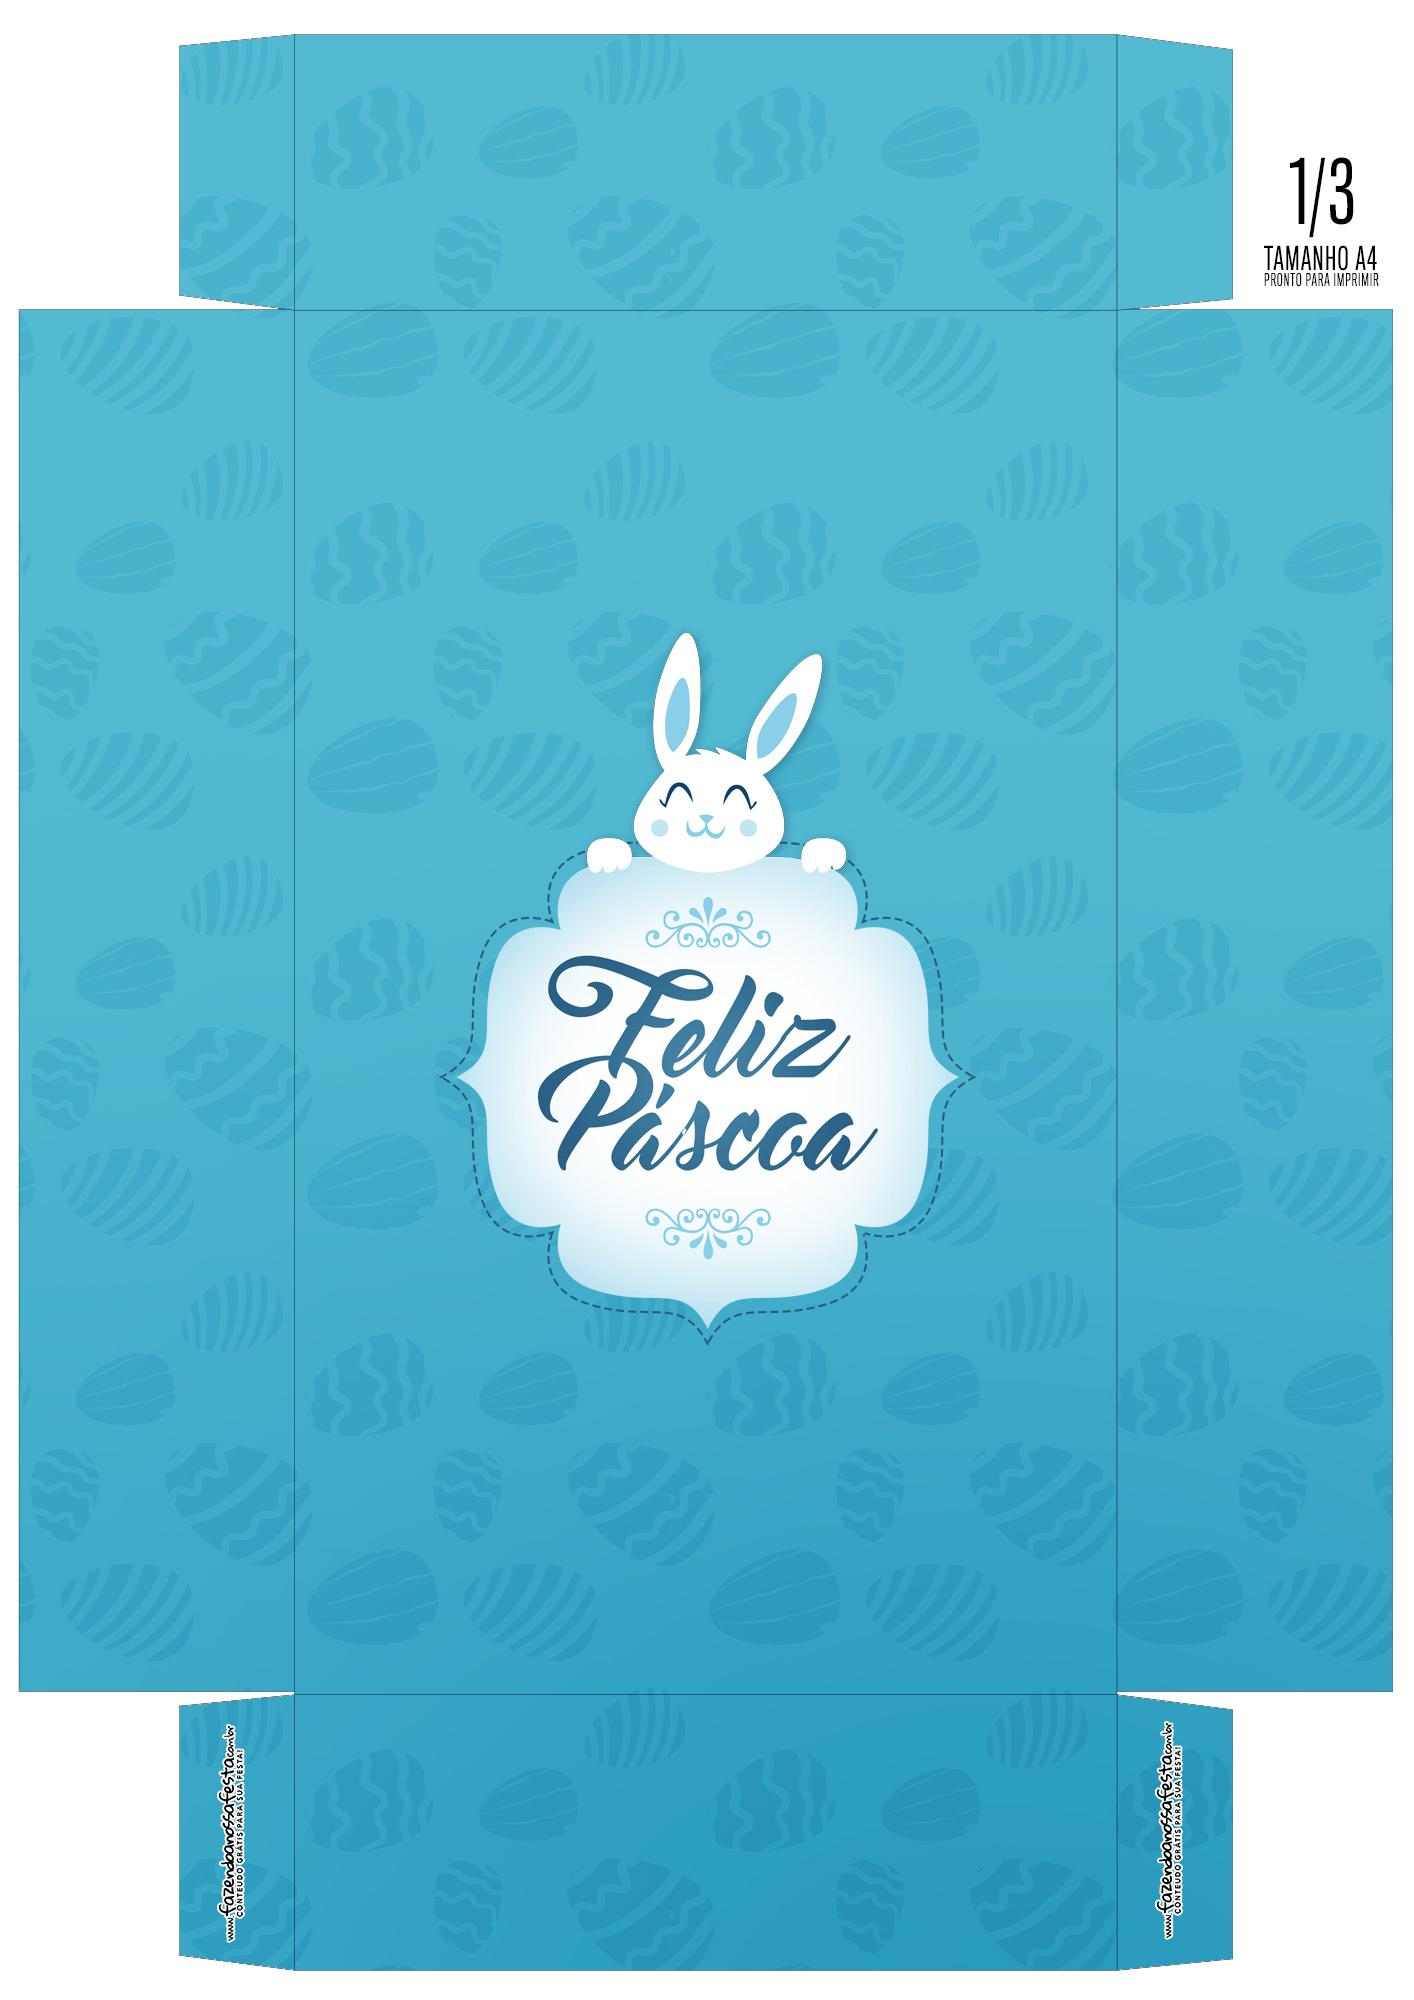 Caixa Ovo de Pascoa 13-2